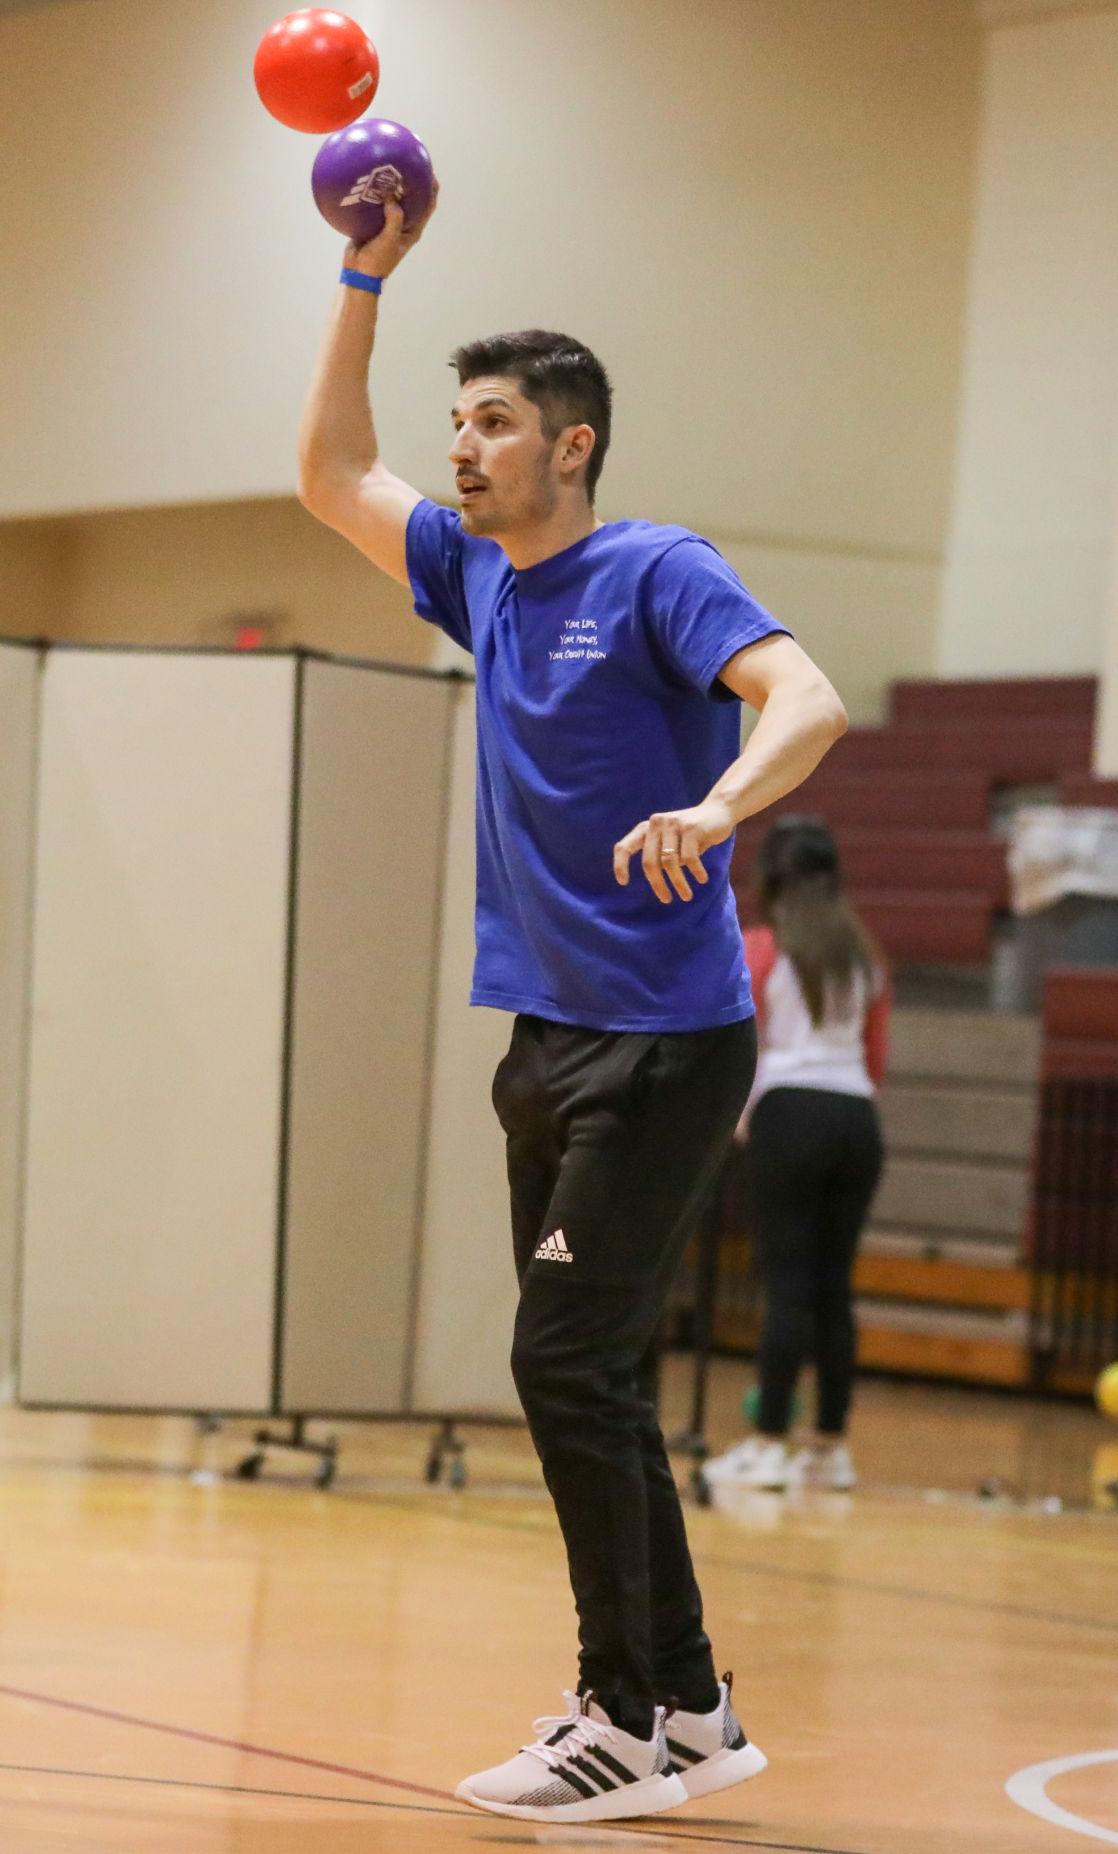 Livingston Young Professionals' dodgeball tournament 2019 Daniel Knoll